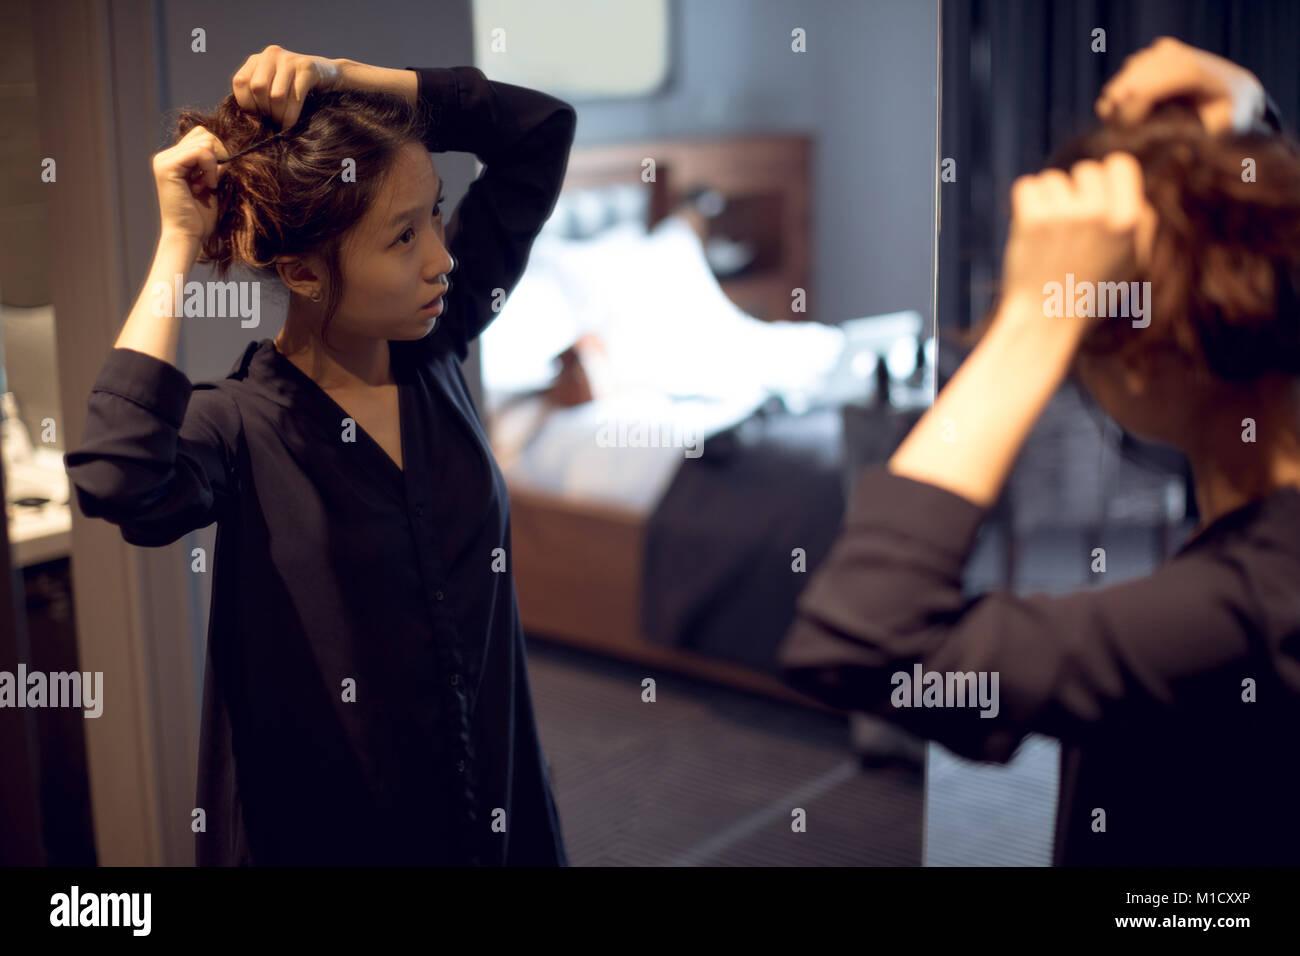 Femme se préparer devant le miroir Photo Stock